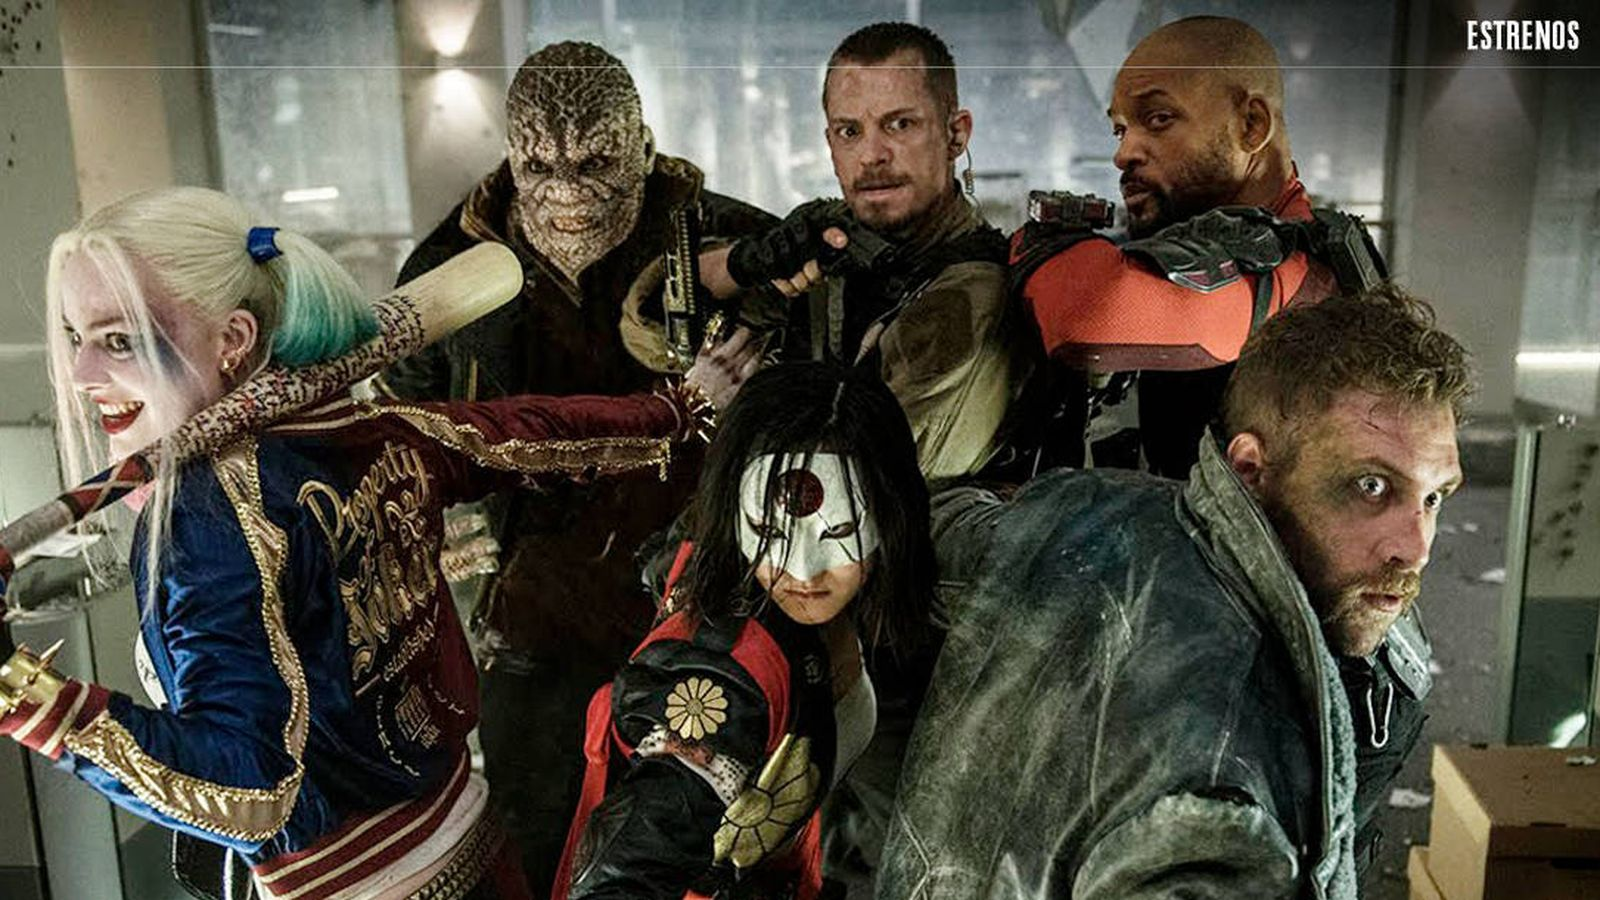 Criticas De Cine Escuadron Suicida Al Joker Se Le Hiela La